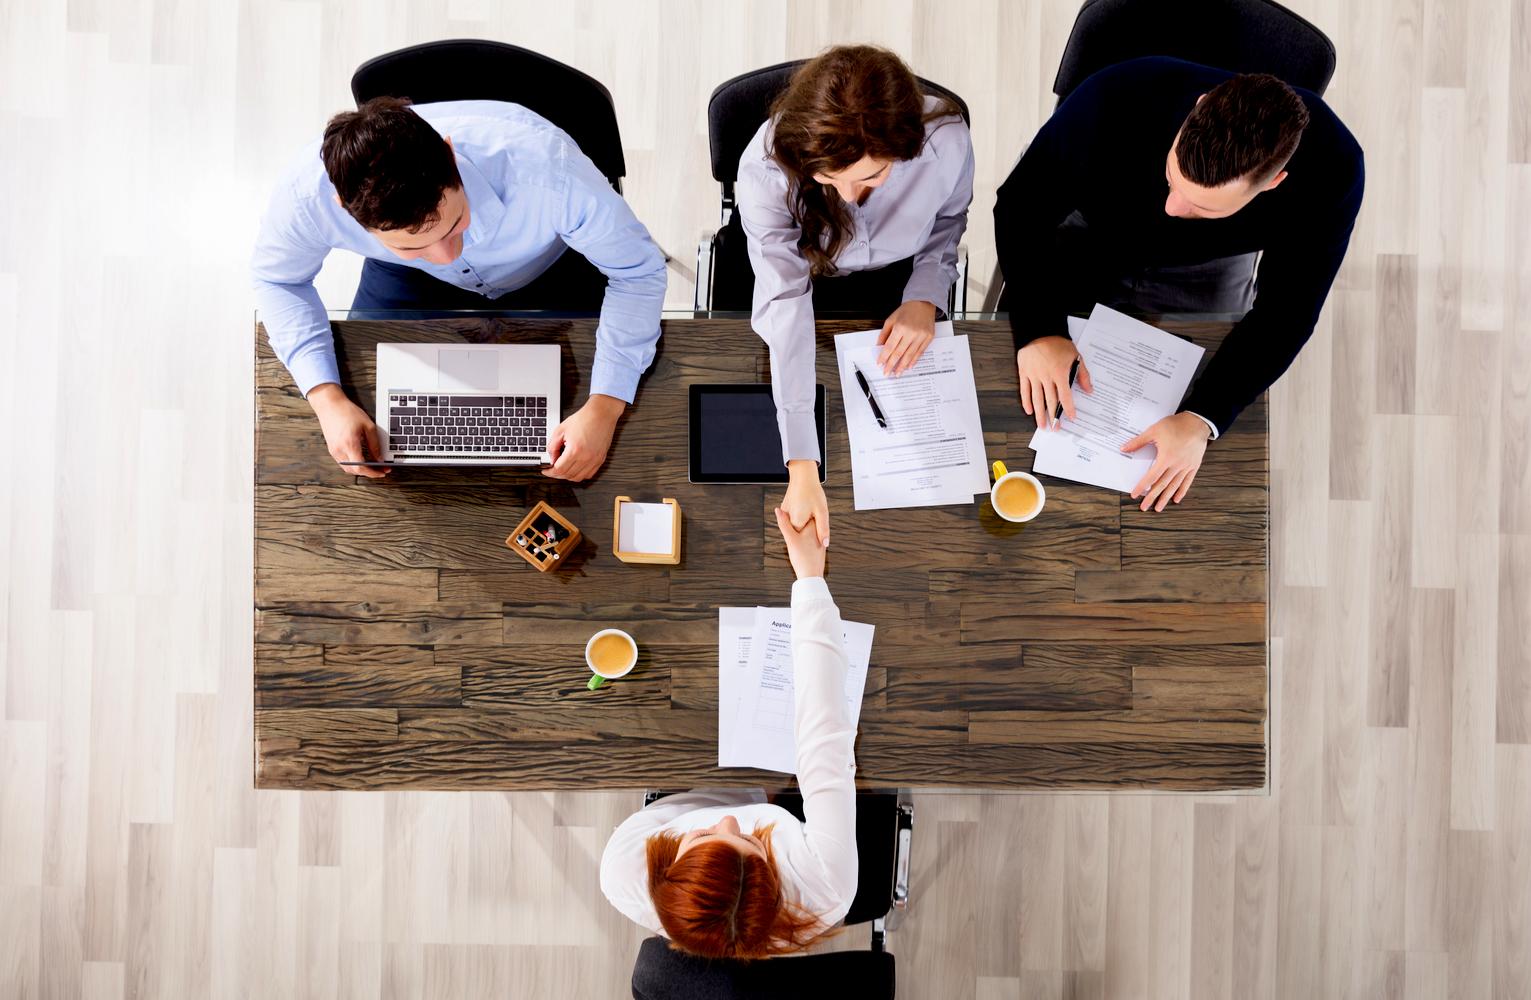 Suorarekrytointi – Rekrytointi ilman mutkia?